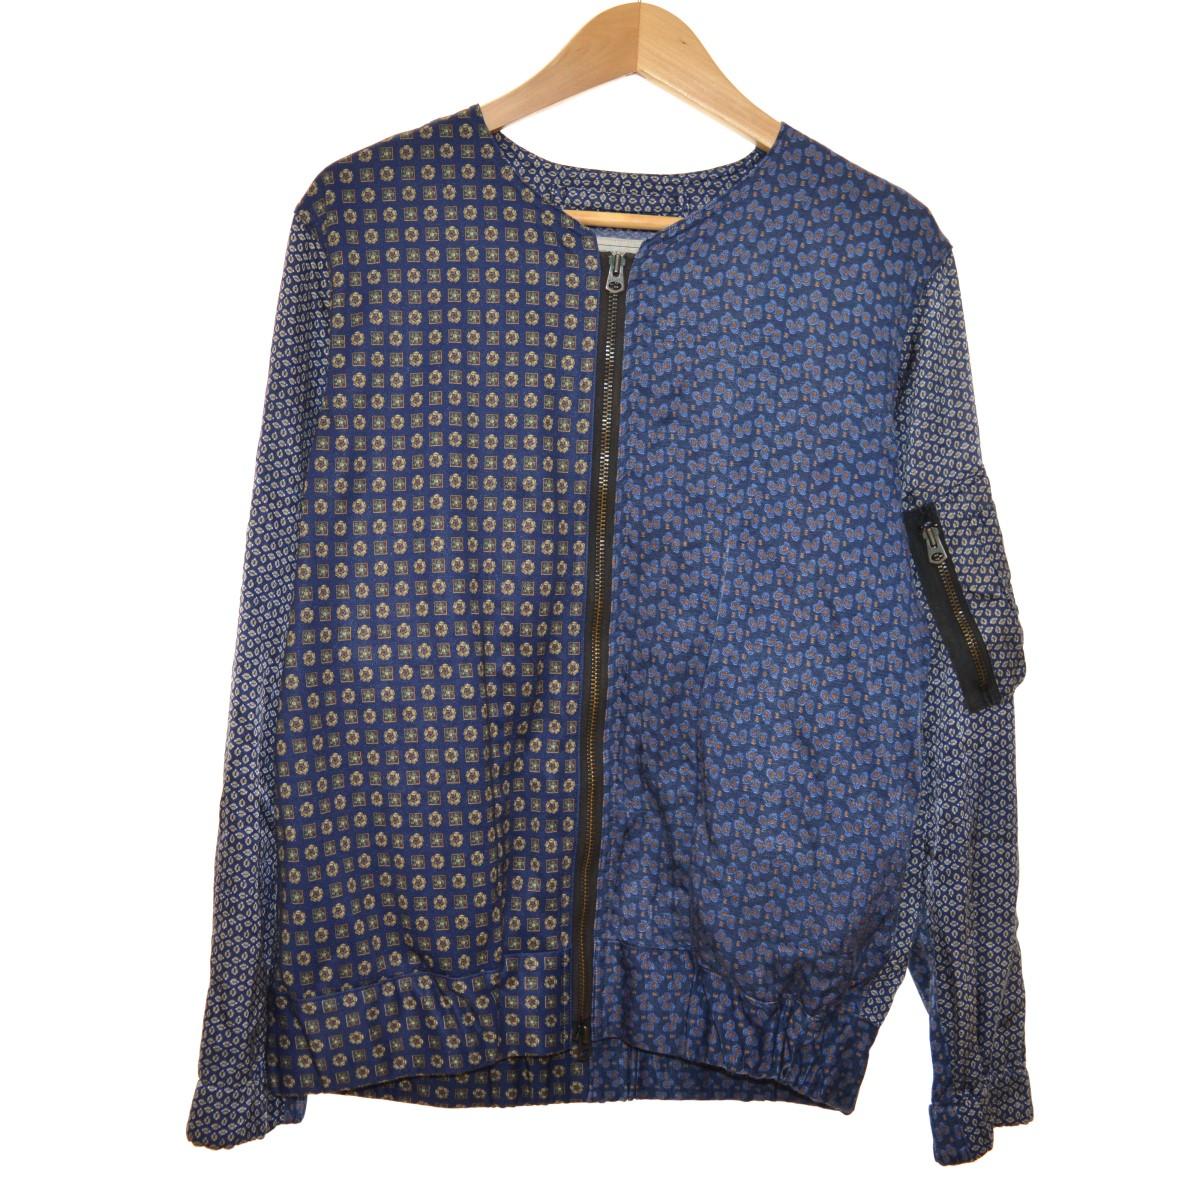 【中古】INK Euro Pajamas G1 Fright Blouson 再構築ノーカラージャケット ネイビー サイズ:M 【300420】(インク)